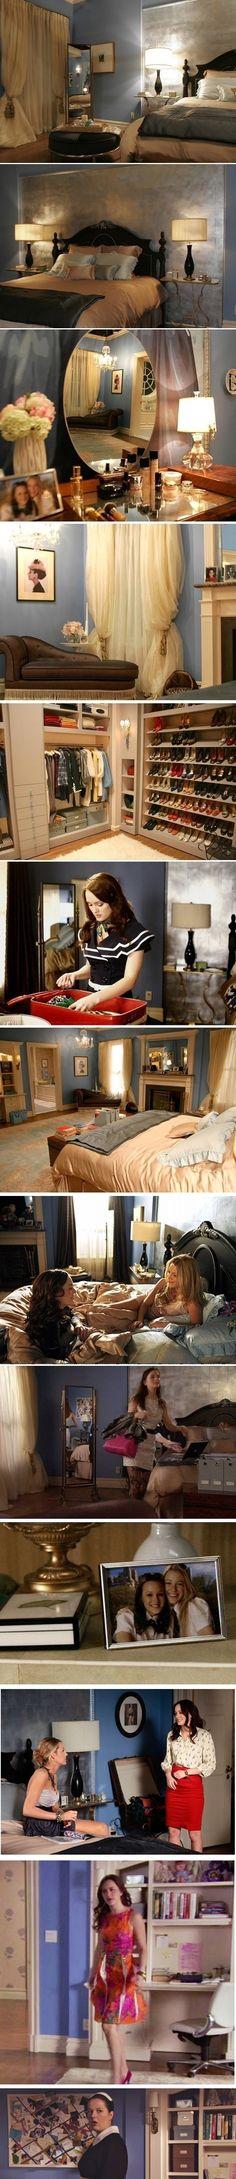 Blair's Room in Gossip Girl